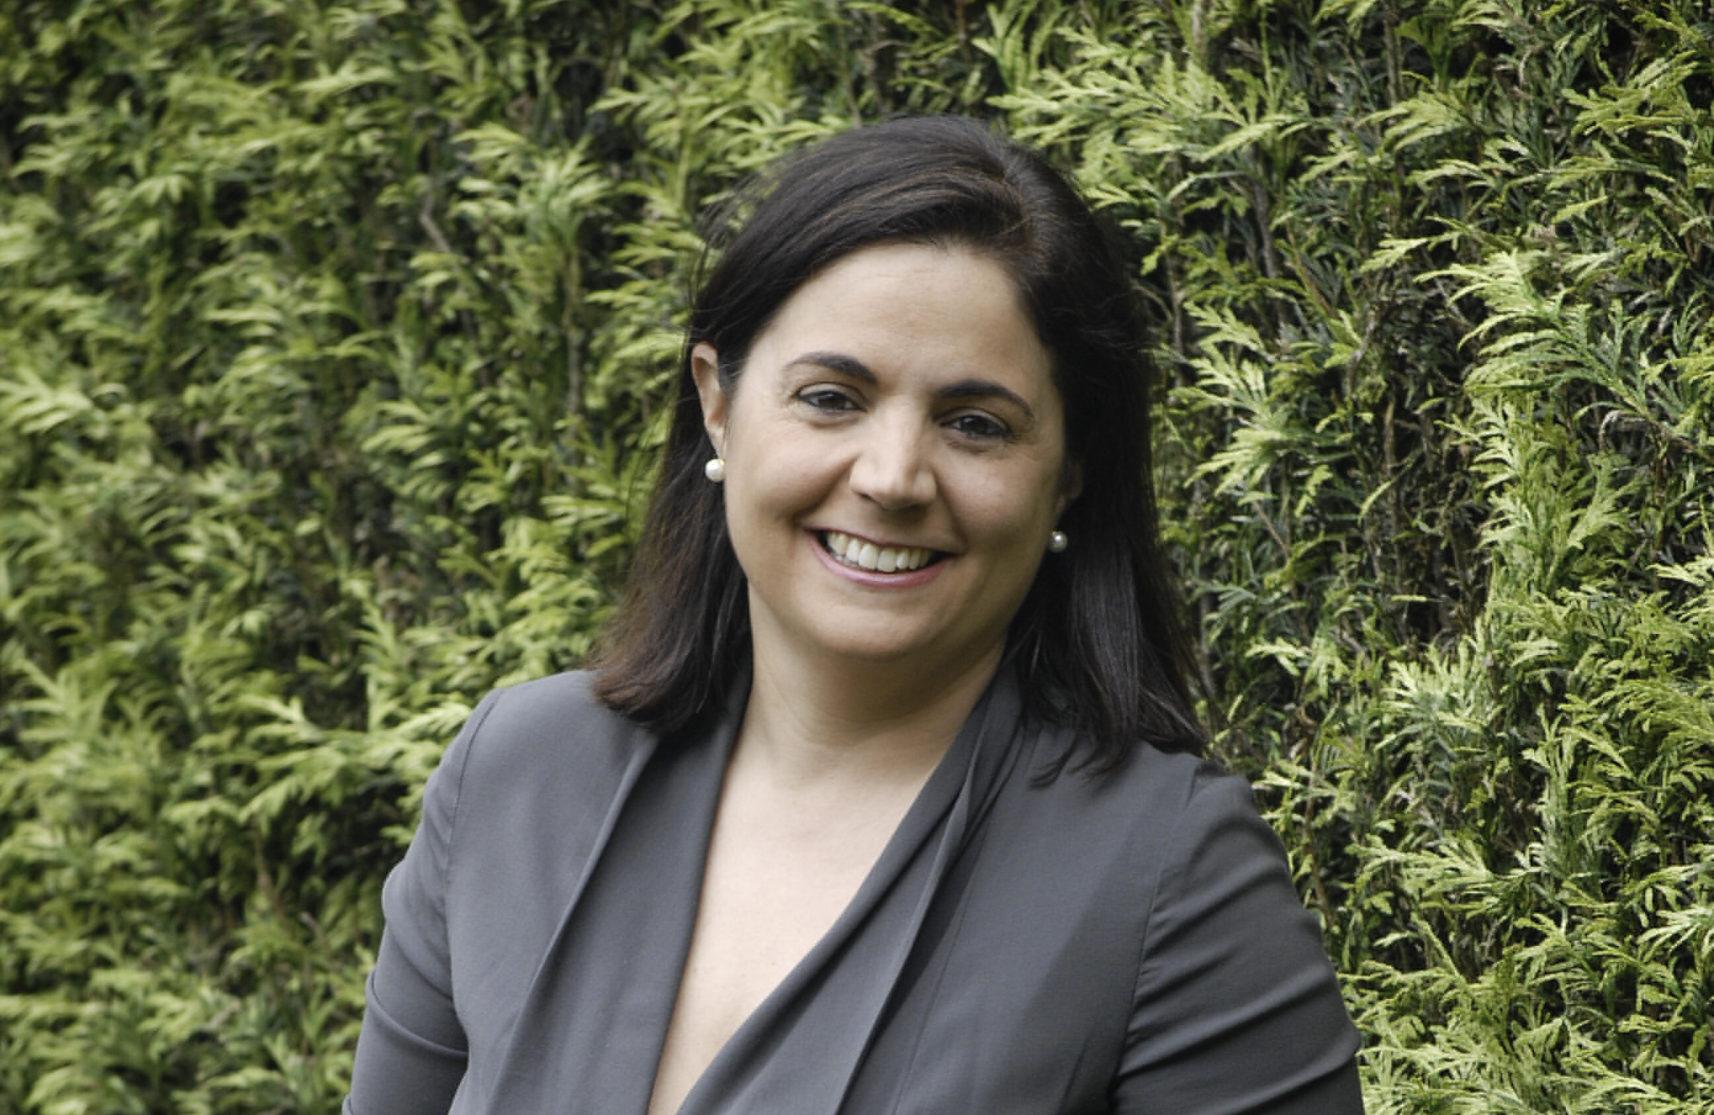 Entrevista en El Correo Gallego a la Presidenta del COEQGa, Andrea Fernández Salvande